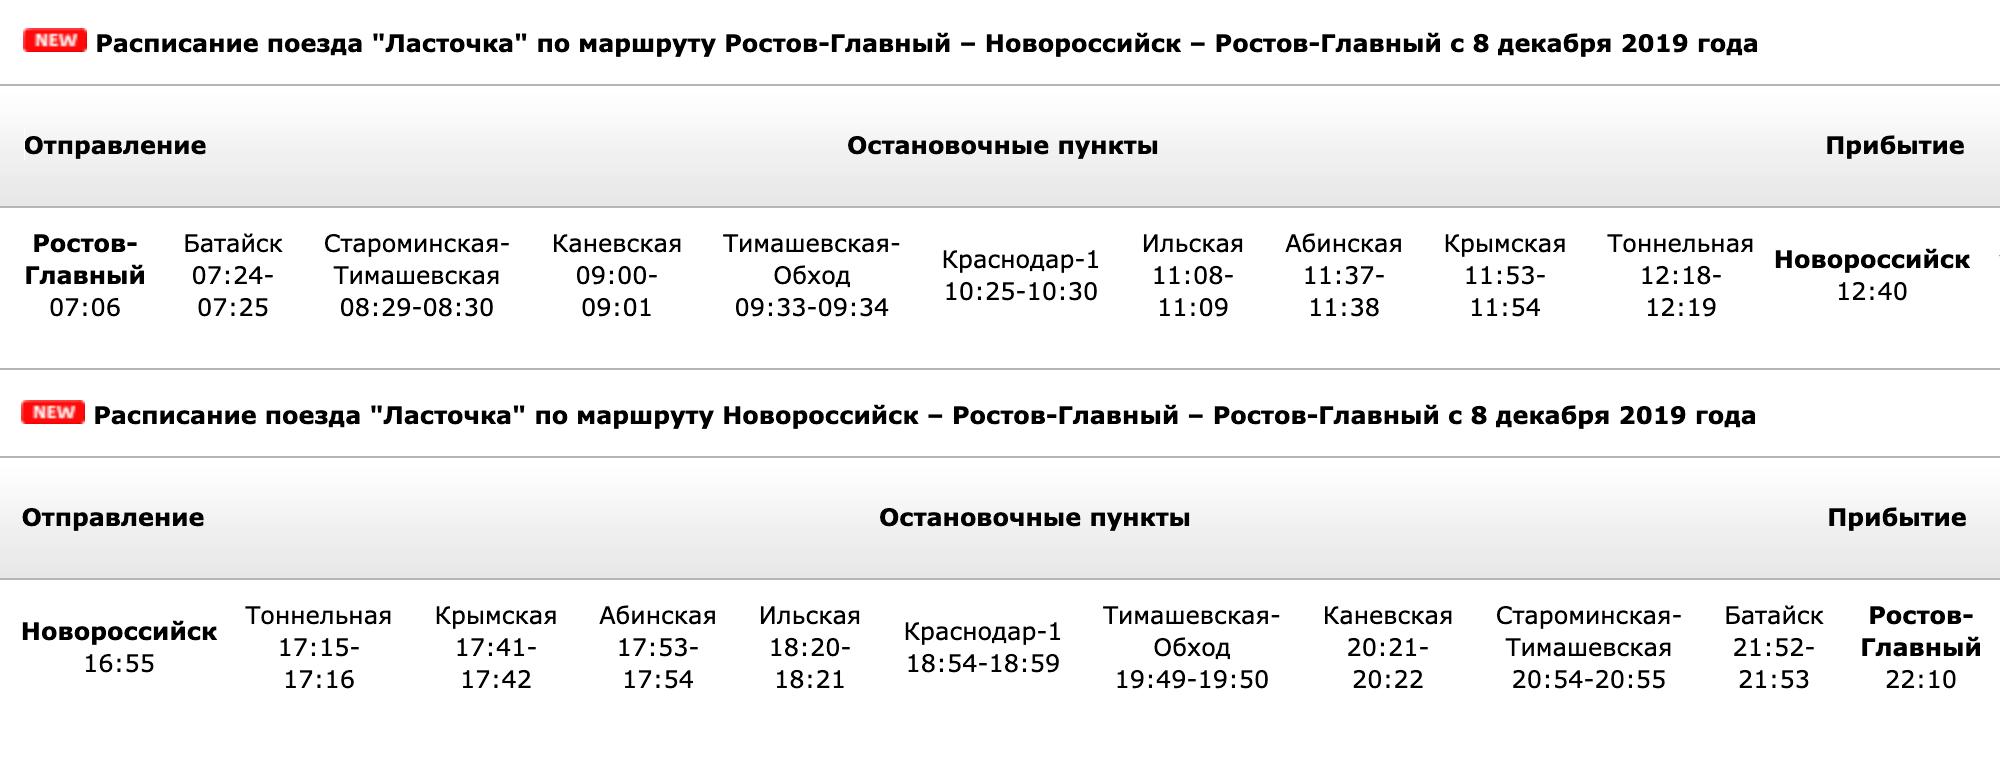 Из Ростова до Краснодара «Ласточка» довезет за 3 часа, а до Новороссийска за 5 часов